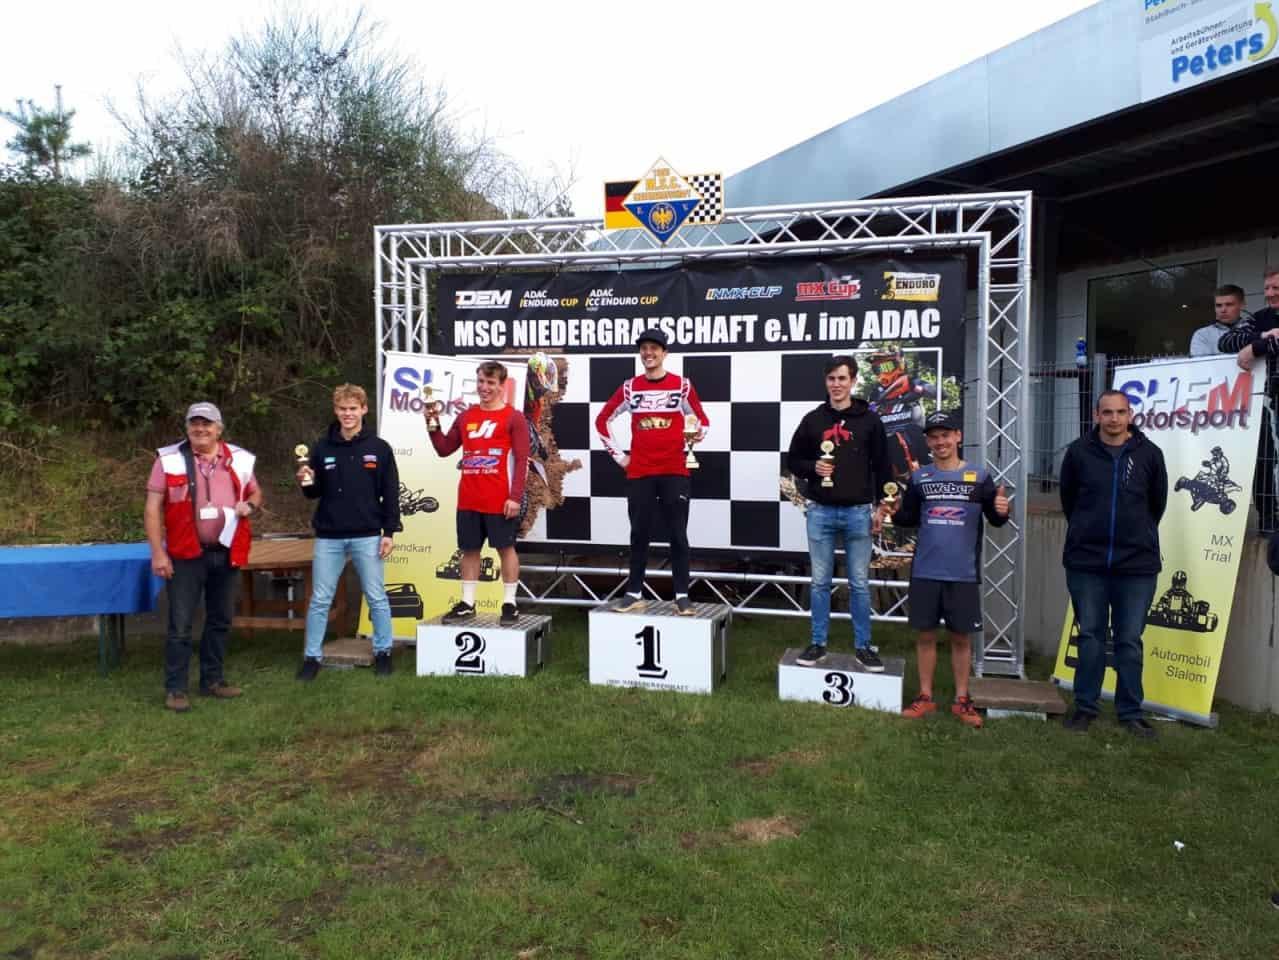 ADAC NMX-Cup 2021 in Itterbeck - Rennbericht 6